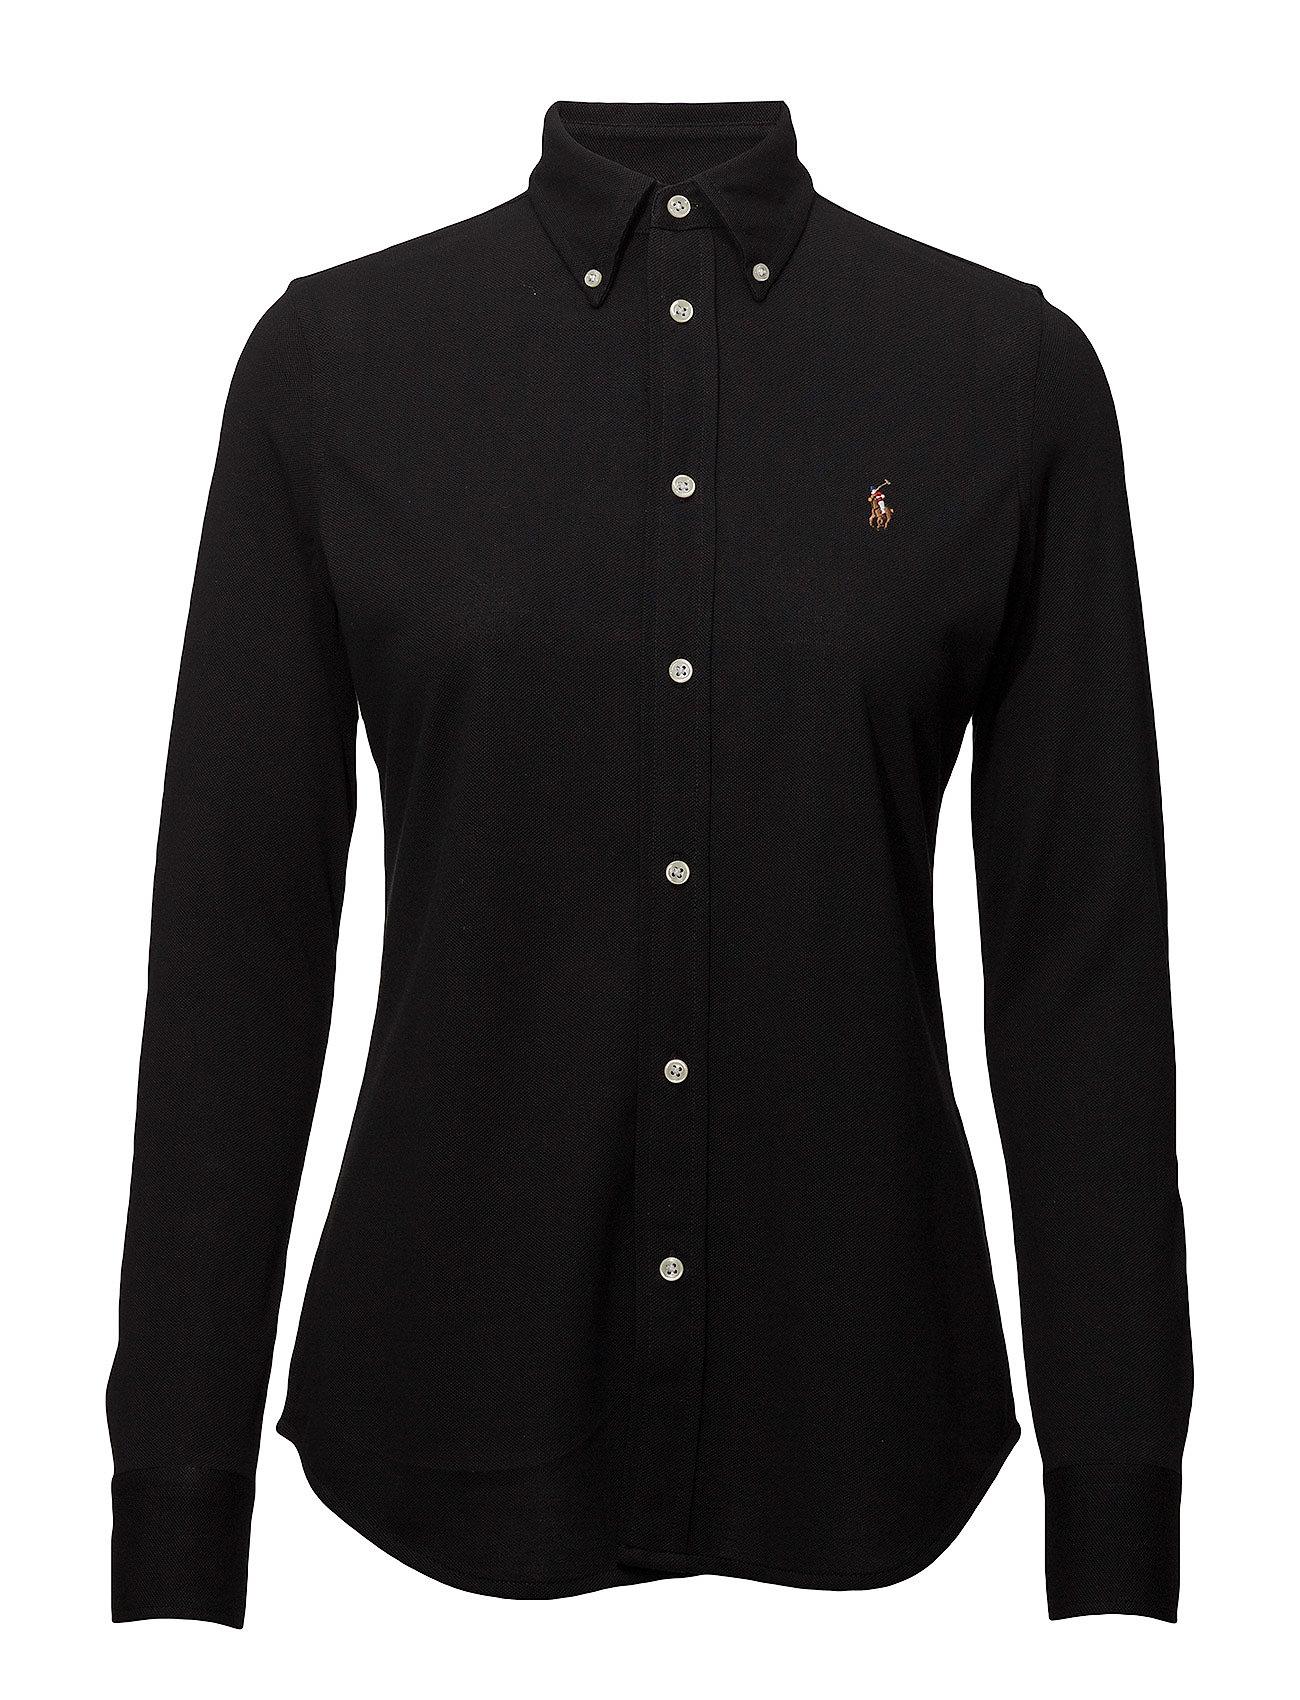 Polo Ralph Lauren Knit Cotton Oxford Shirt - POLO BLACK